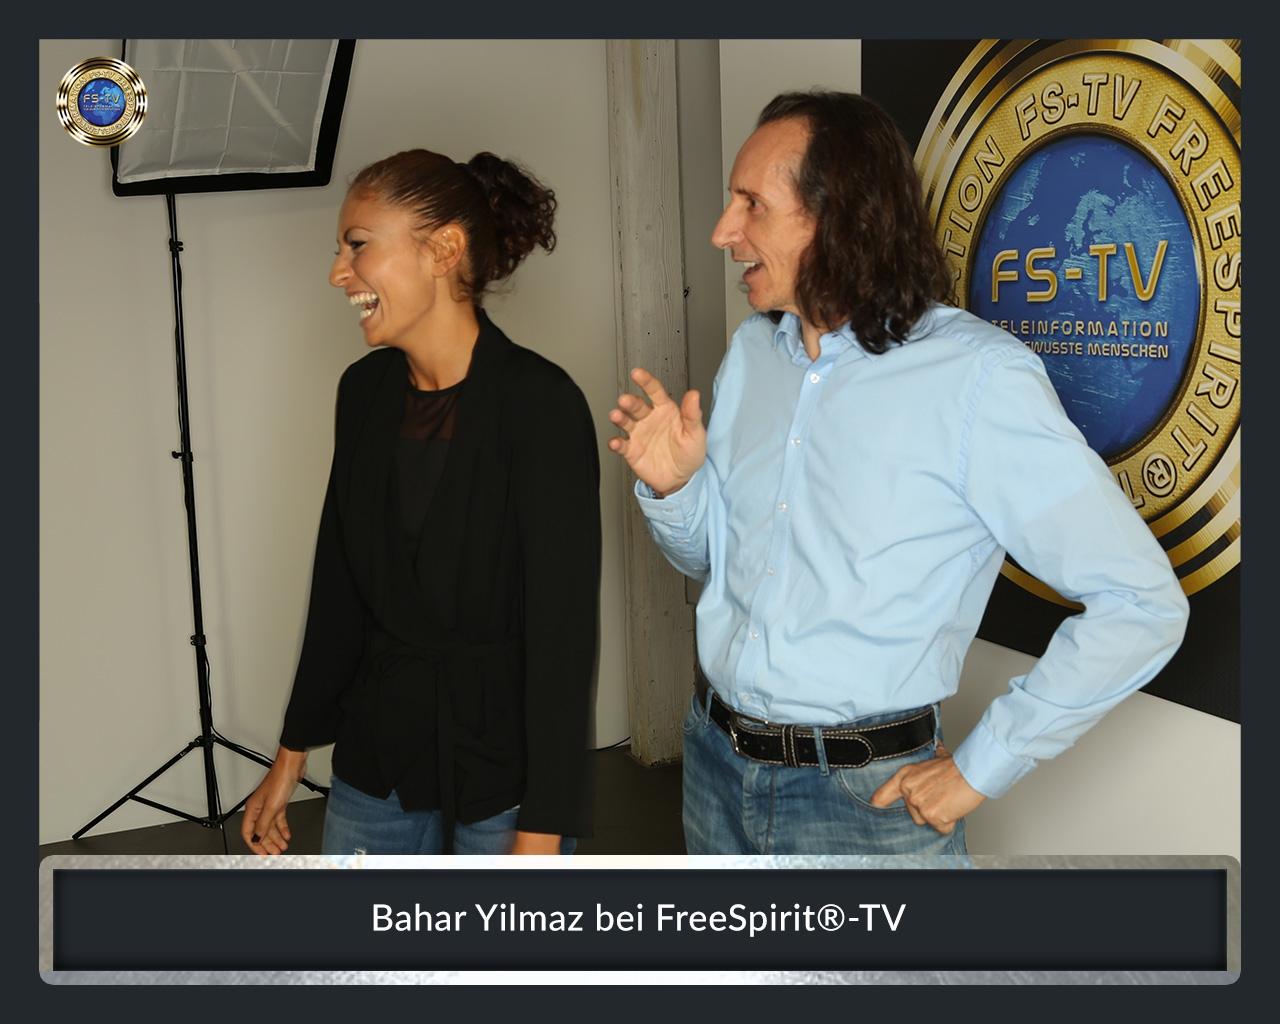 FS-TV-Bildergallerie-Bahar-Yilmaz-2